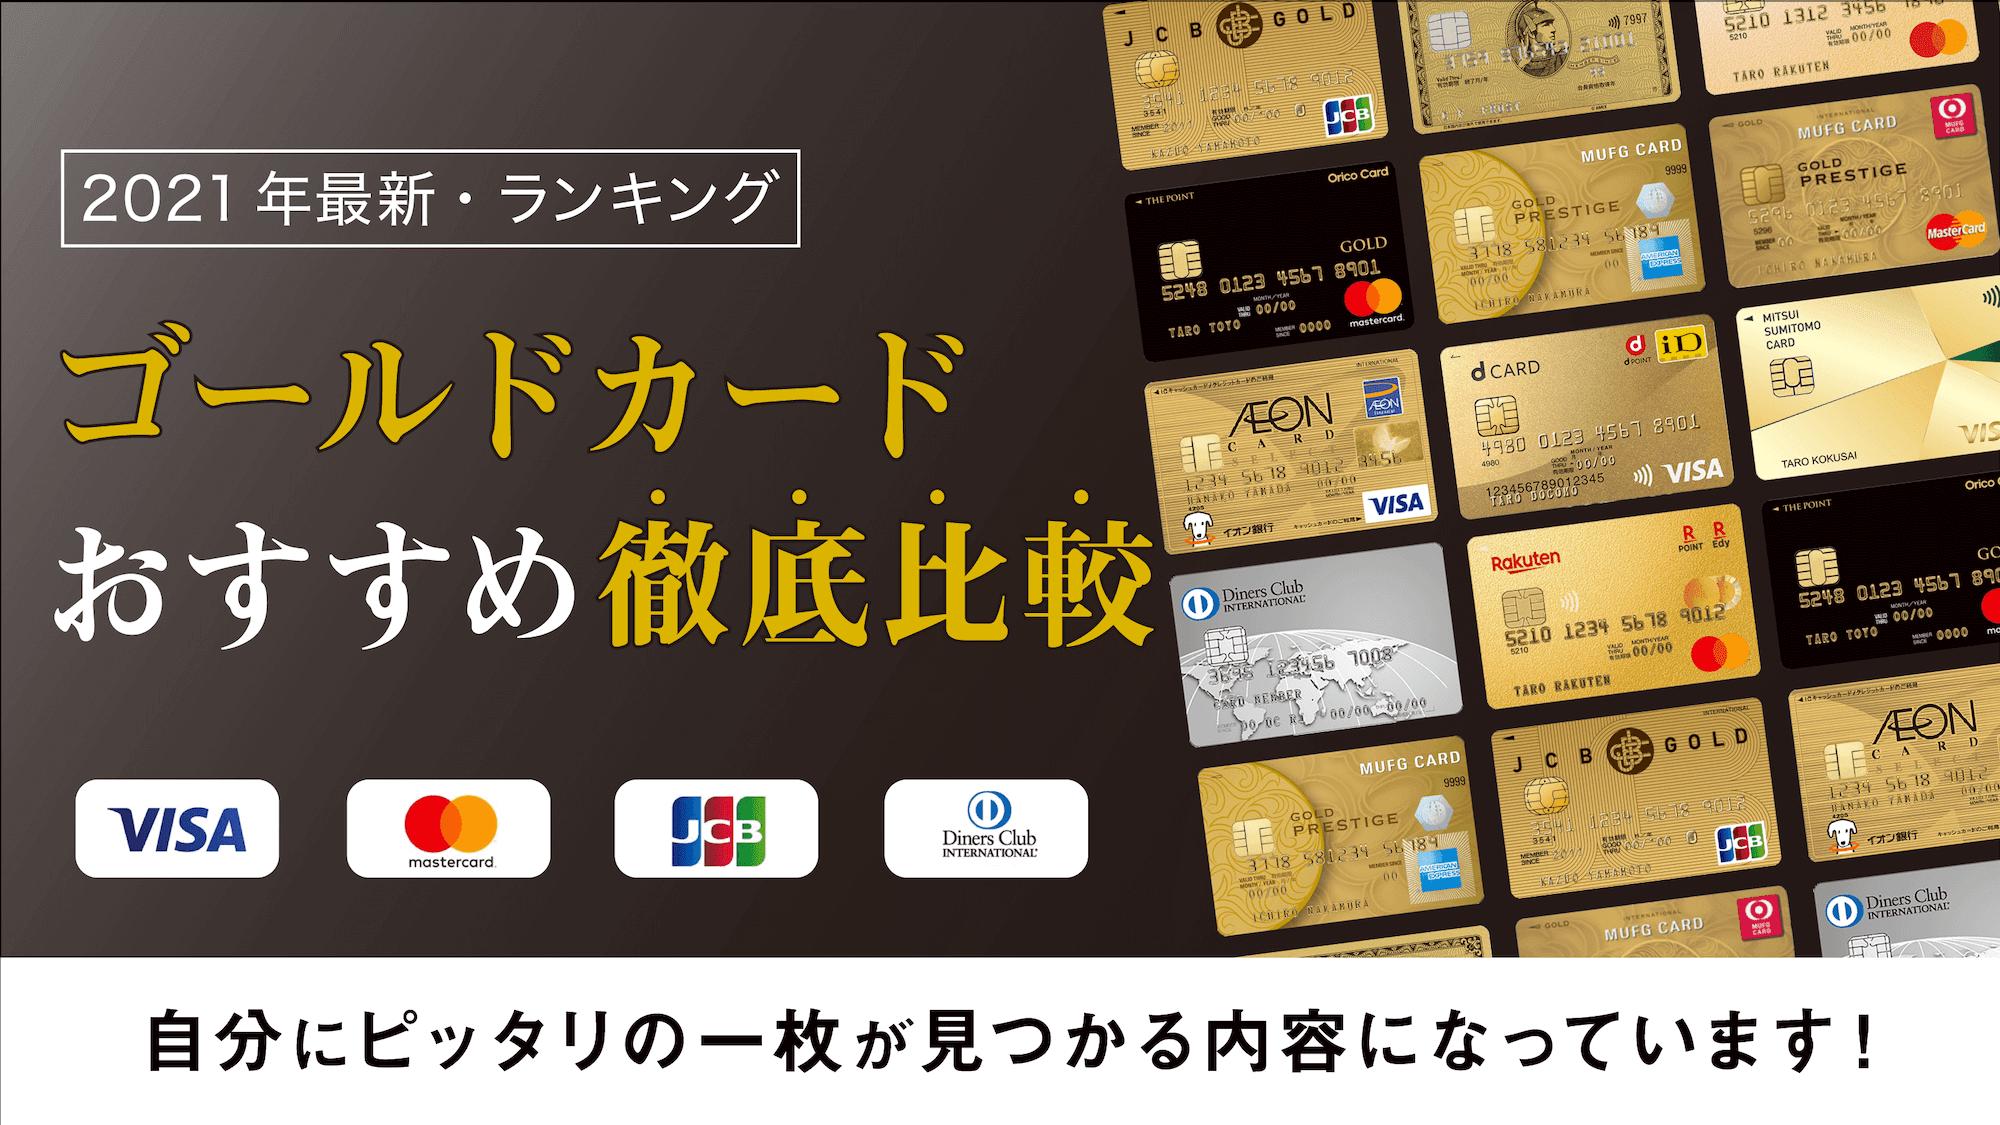 モール ポイント d カード up